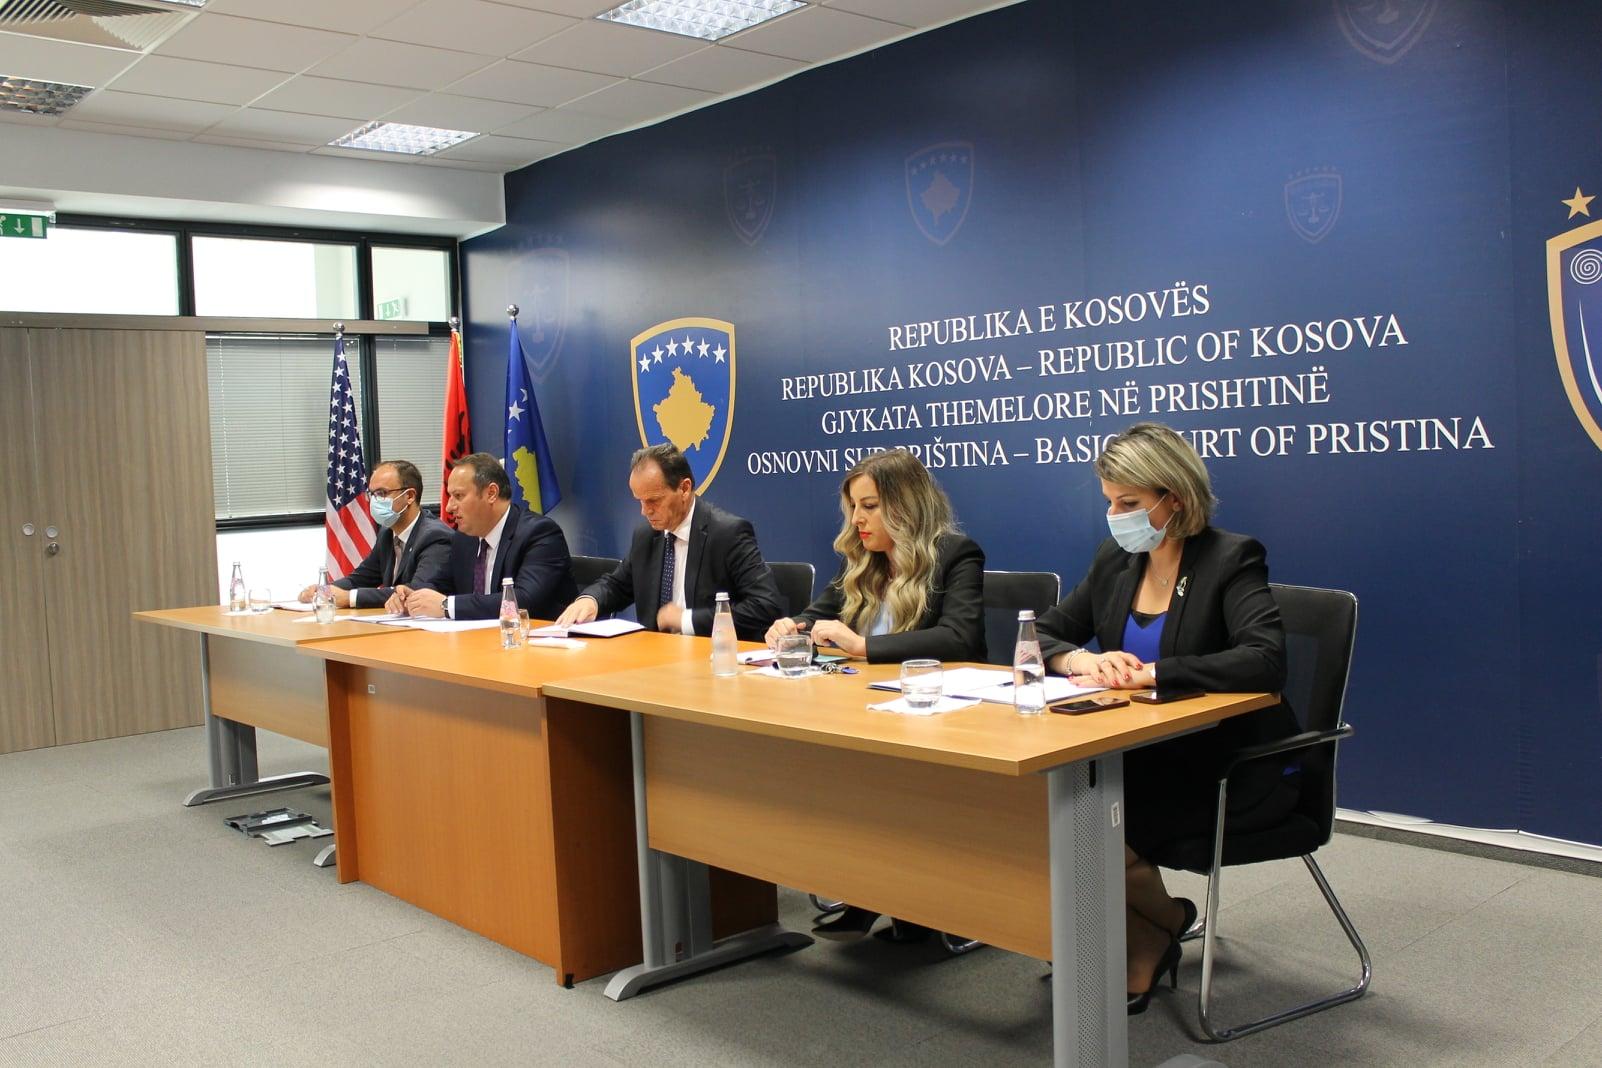 Predsedavajući Zogaj posetio je Osnovni sud u Prištini